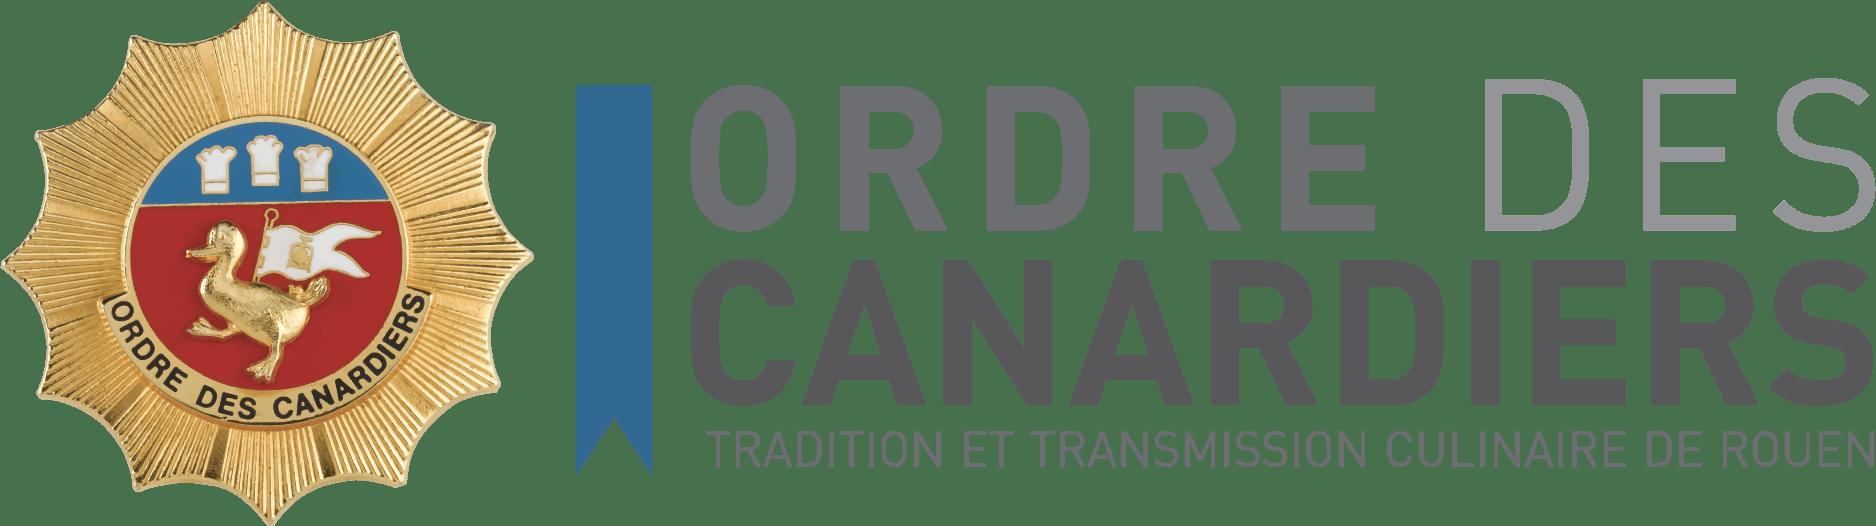 Logo L'Ordre des Canardiers